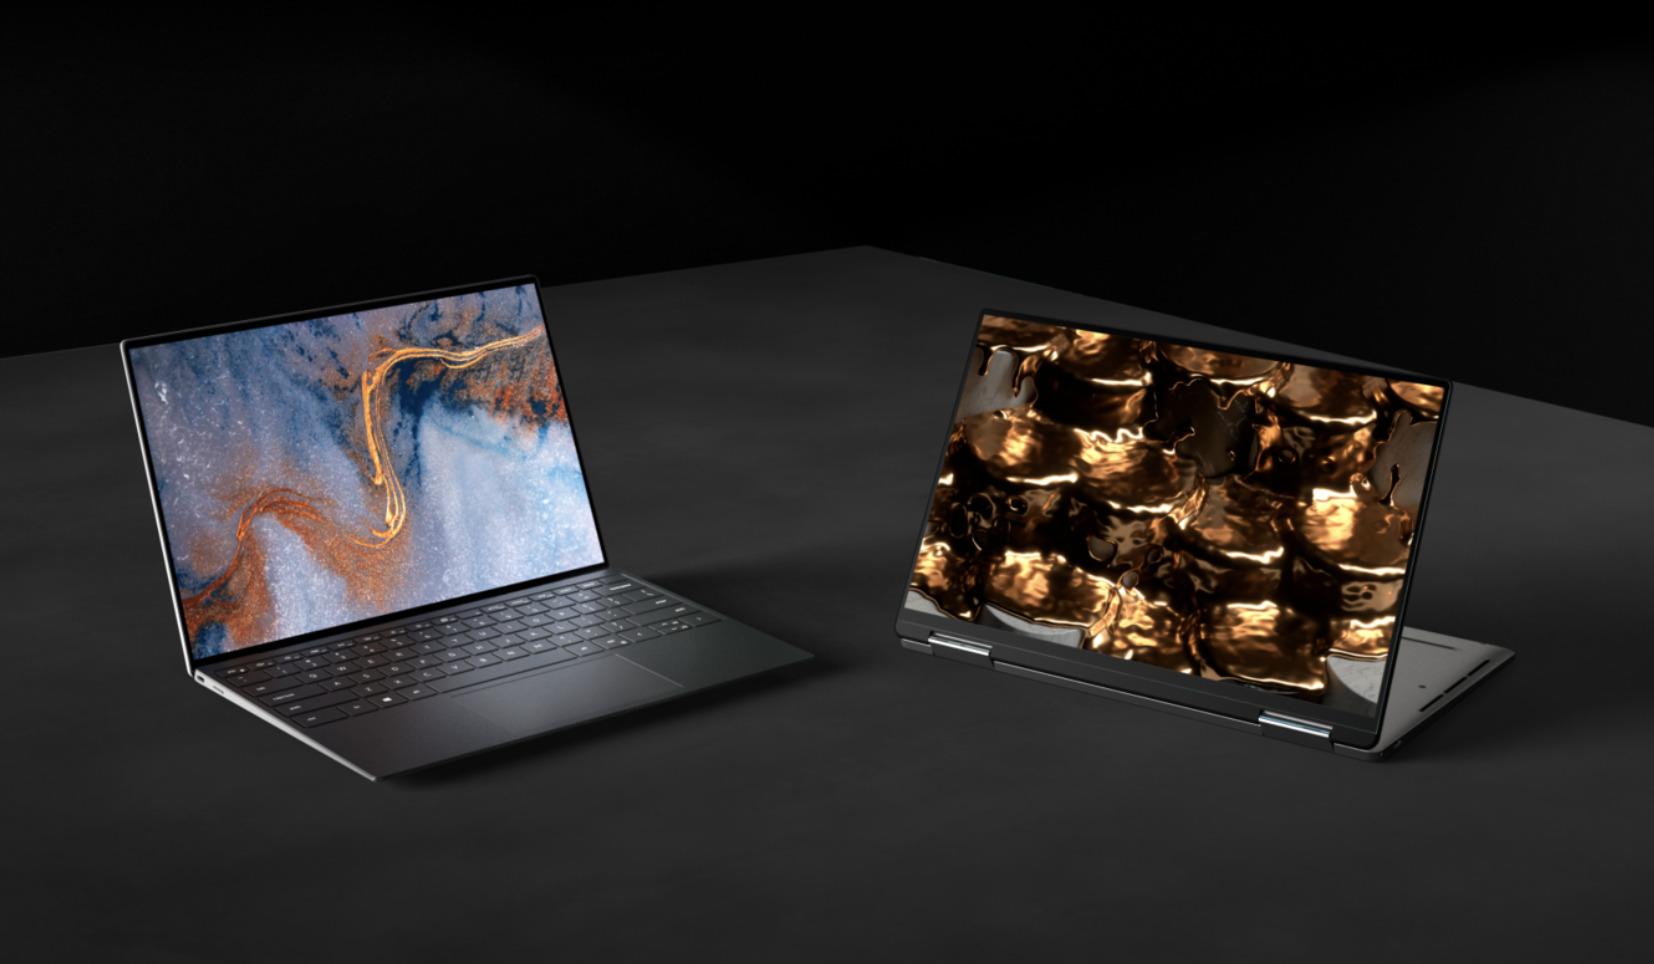 Dell annonce ses nouveaux XPS 13 sur Intel Tiger Lake